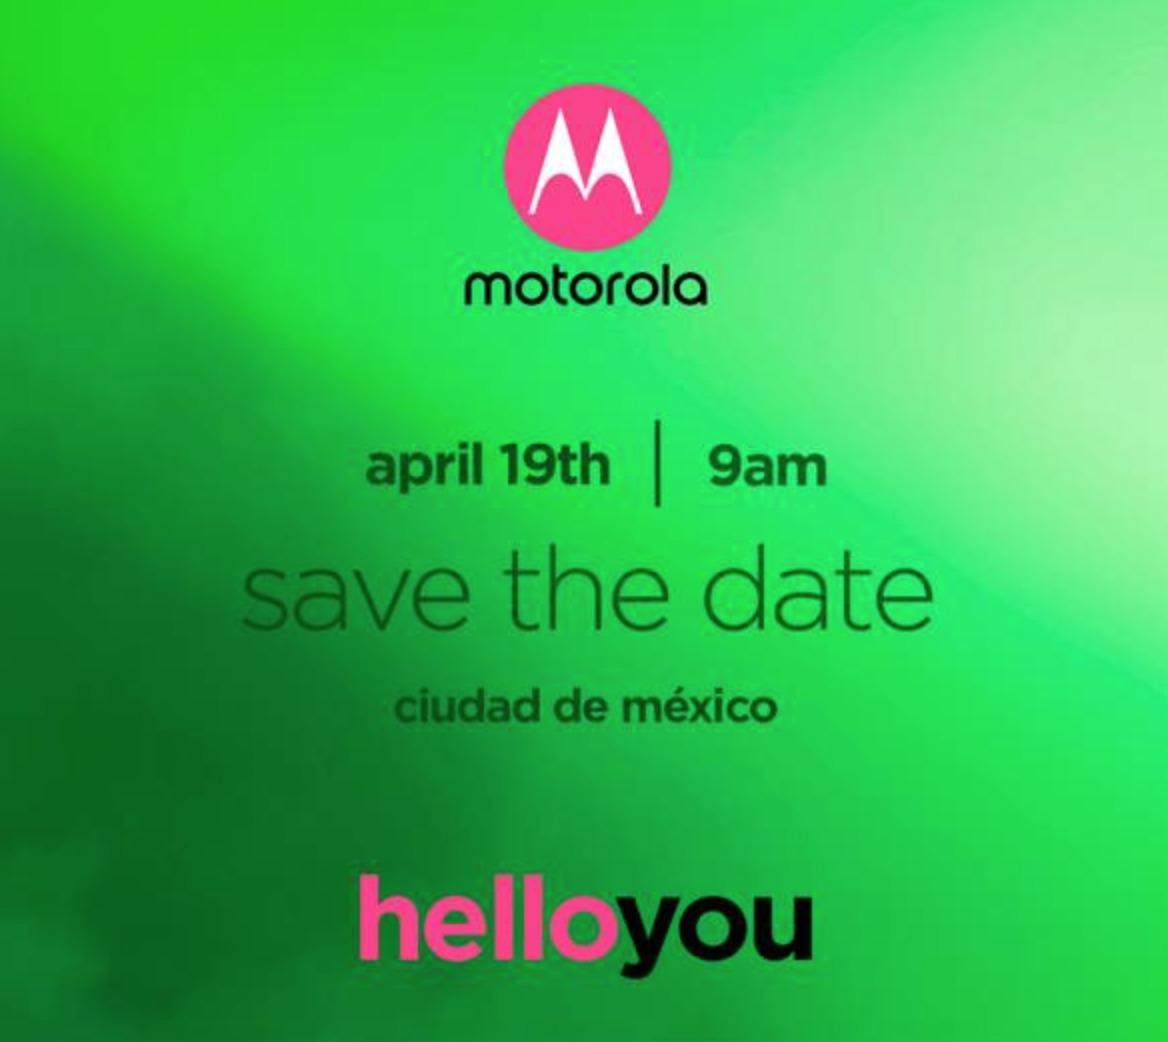 Parece que el Moto G6 está por llegar a México muy pronto